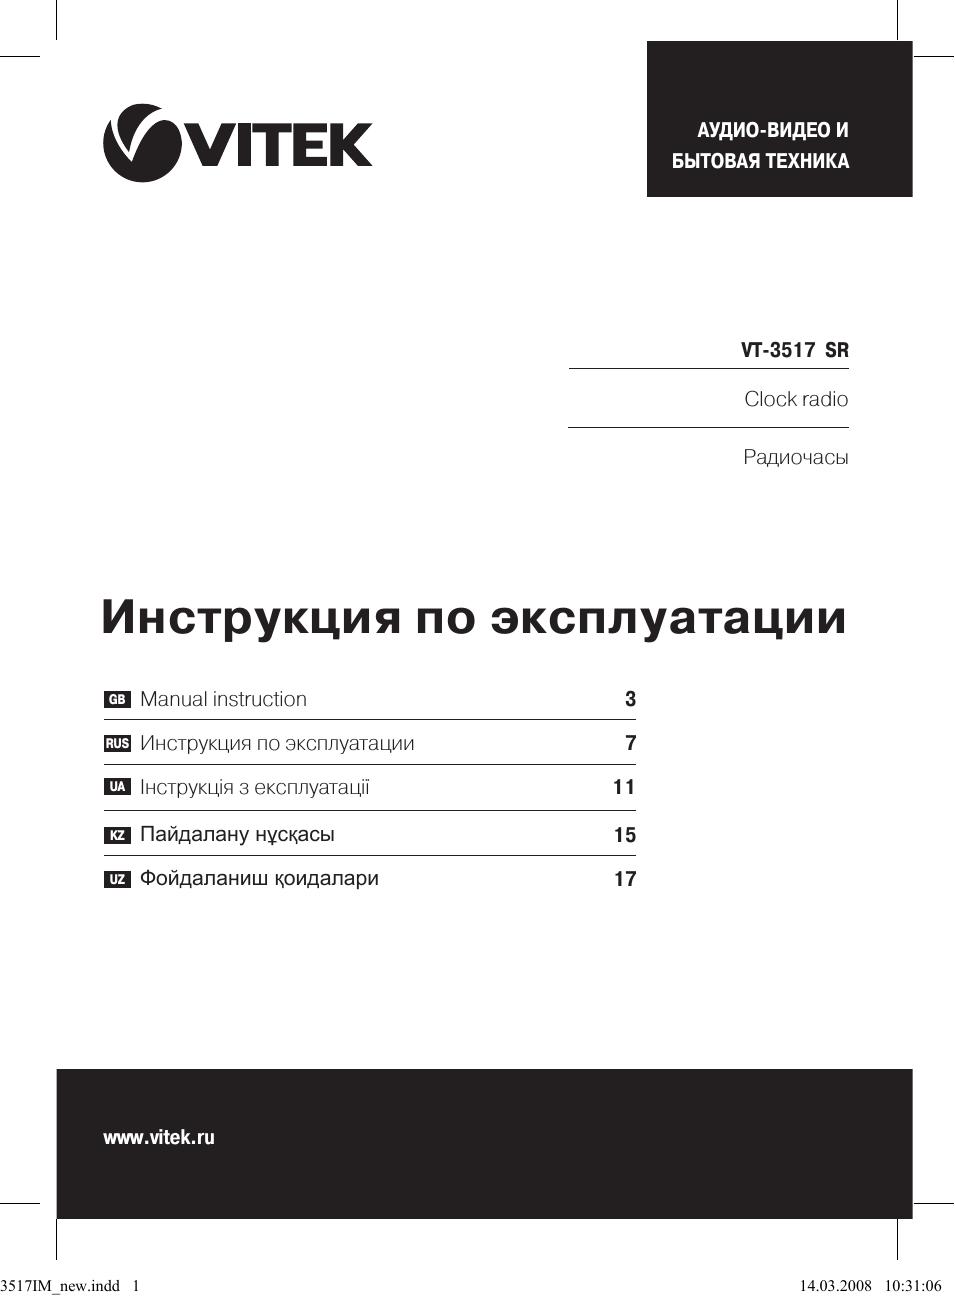 ВИДЕО И БЫТОВАЯ ТЕХНИКА Инструкция по эксплуатации GB RUS UA.